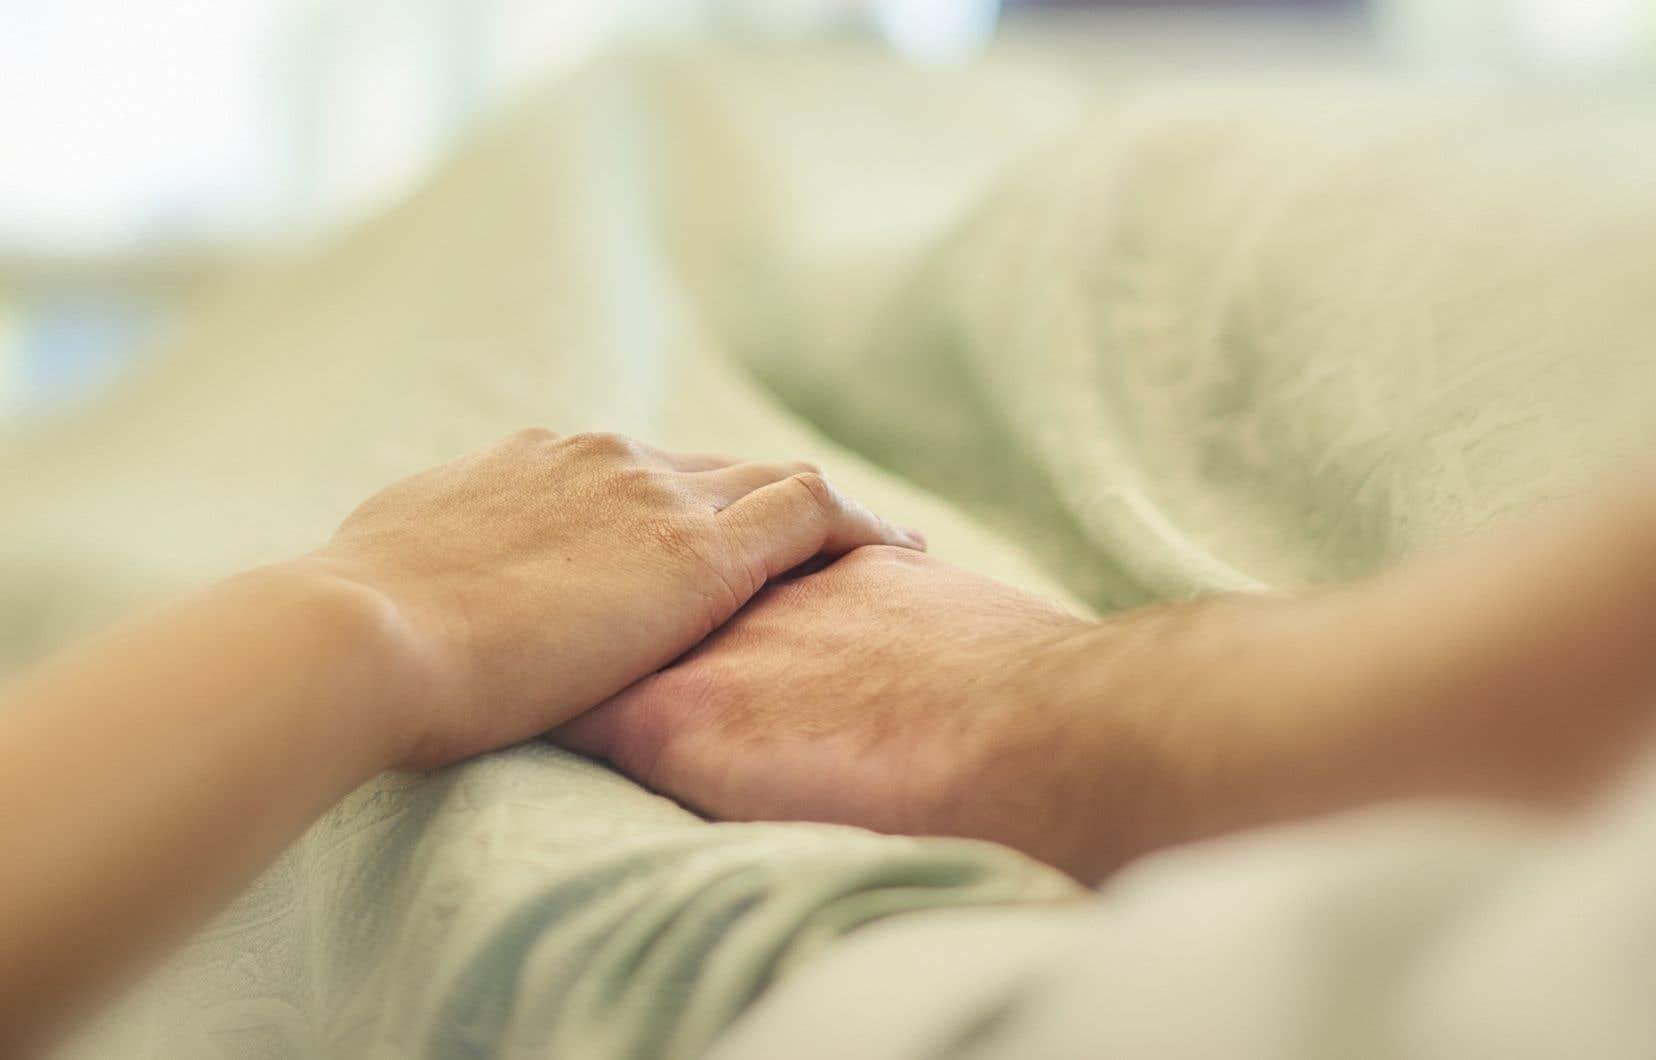 Le projet de loi C-7 interdit explicitement l'aide à mourir dans les cas où la maladie mentale est la seule condition médicale.